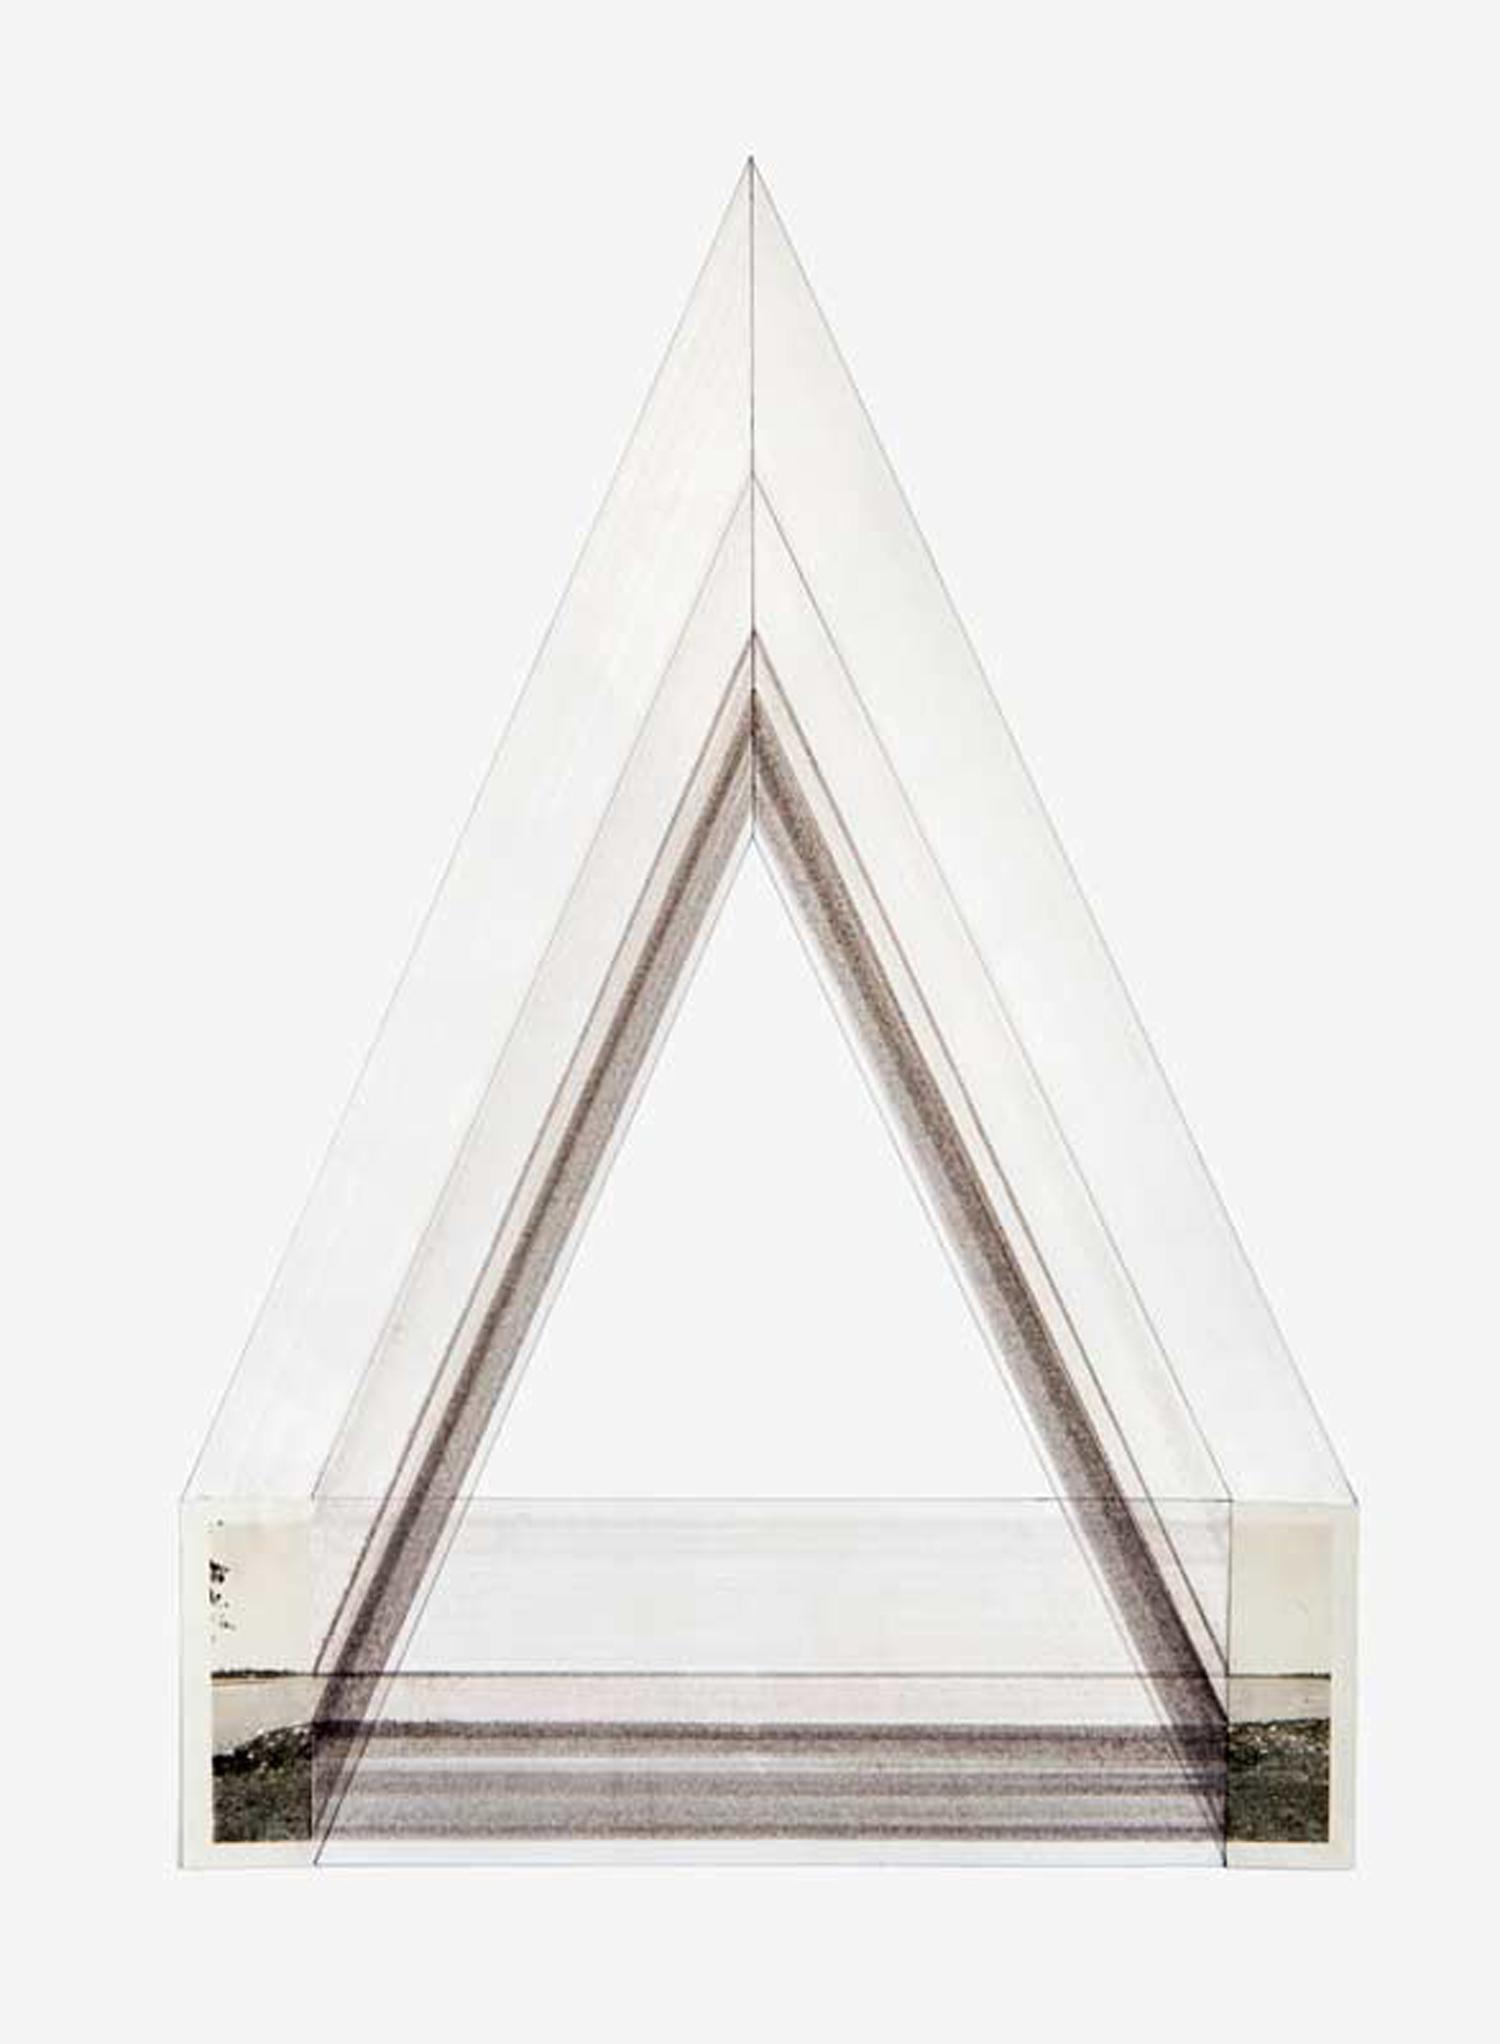 Triangular Landscape